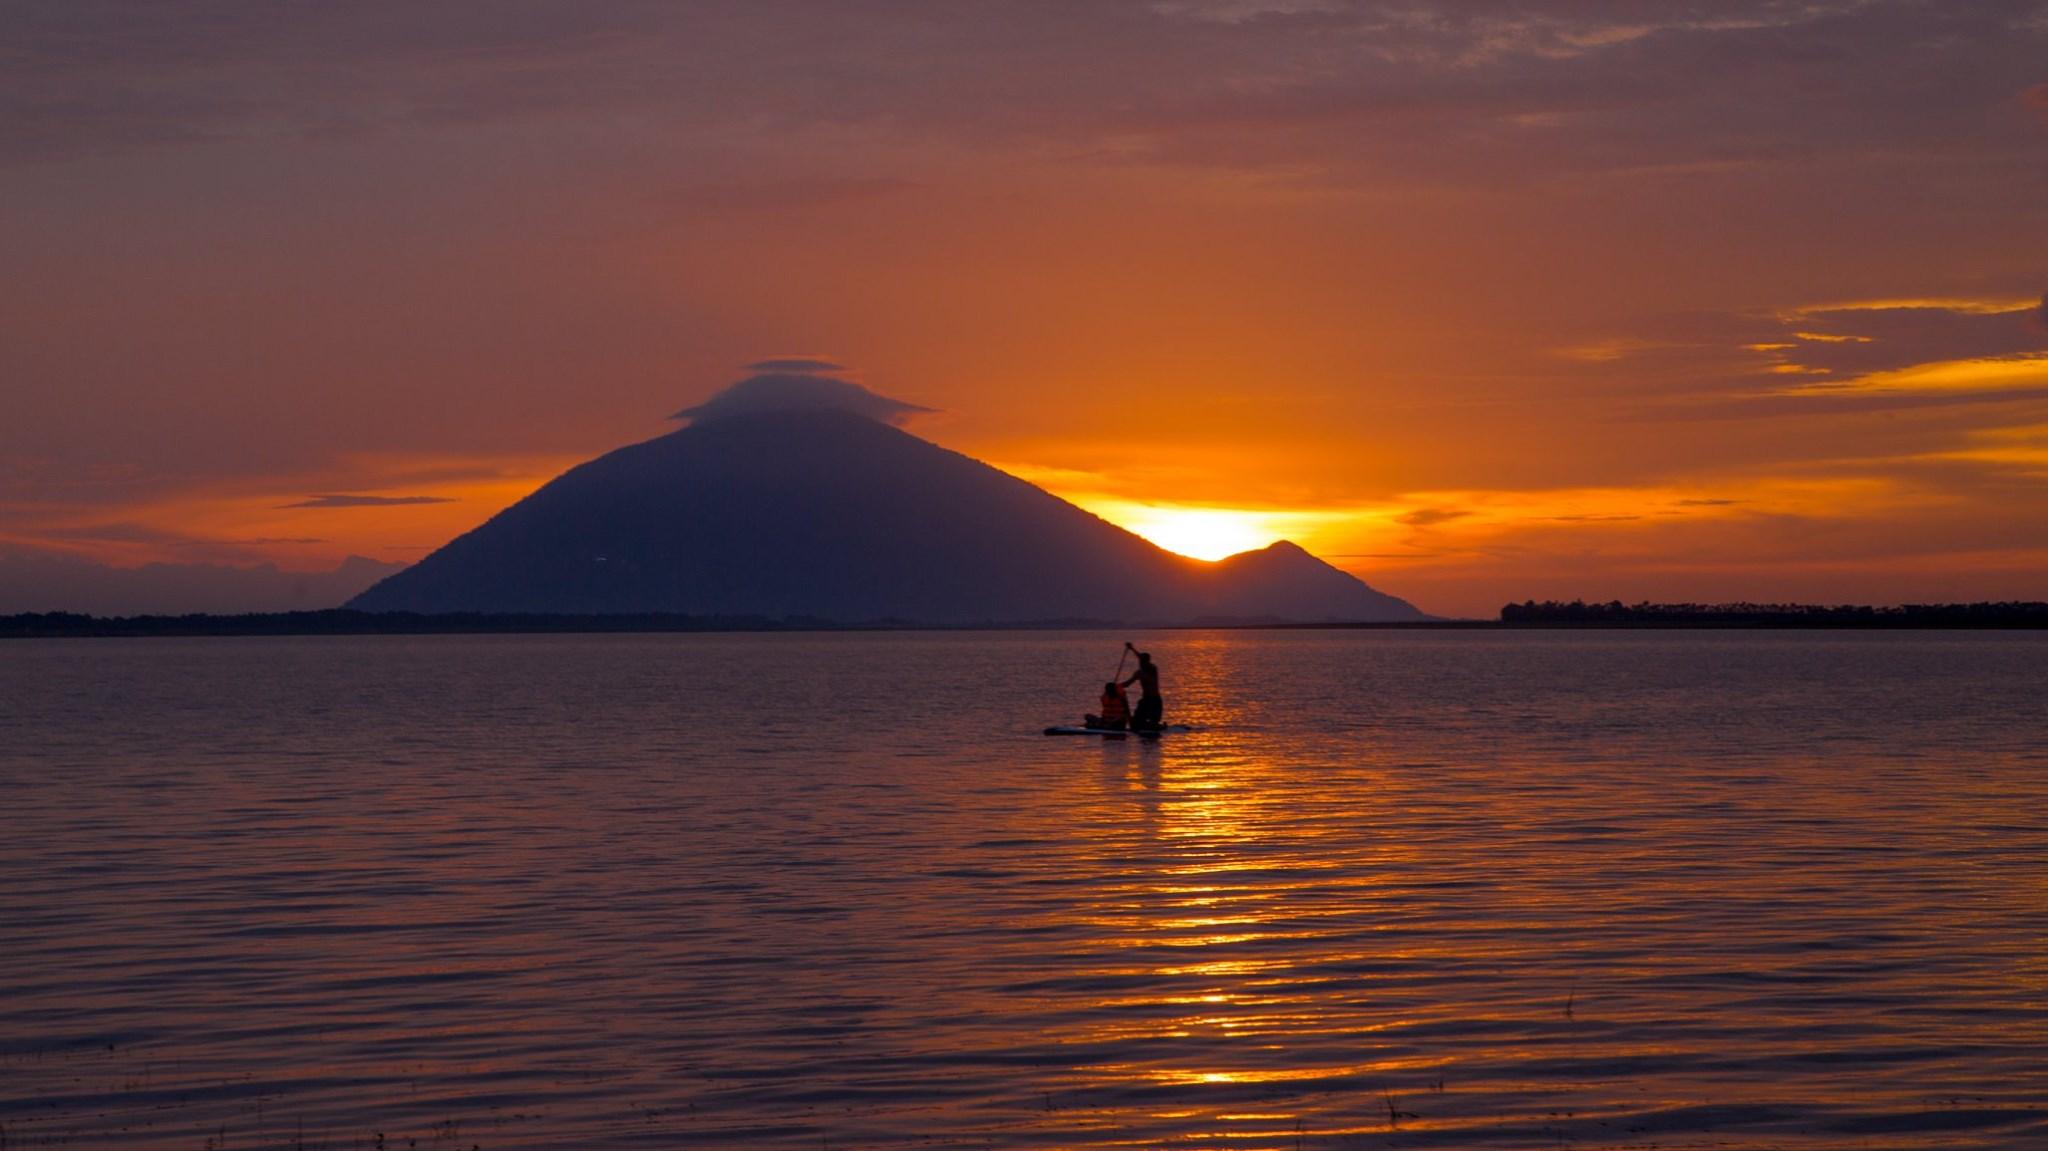 Đến hồ Dầu Tiếng, chiêm ngưỡng cảnh đẹp hút hồn tại địa điểm cắm trại hot nhất Tây Ninh  - Ảnh 7.